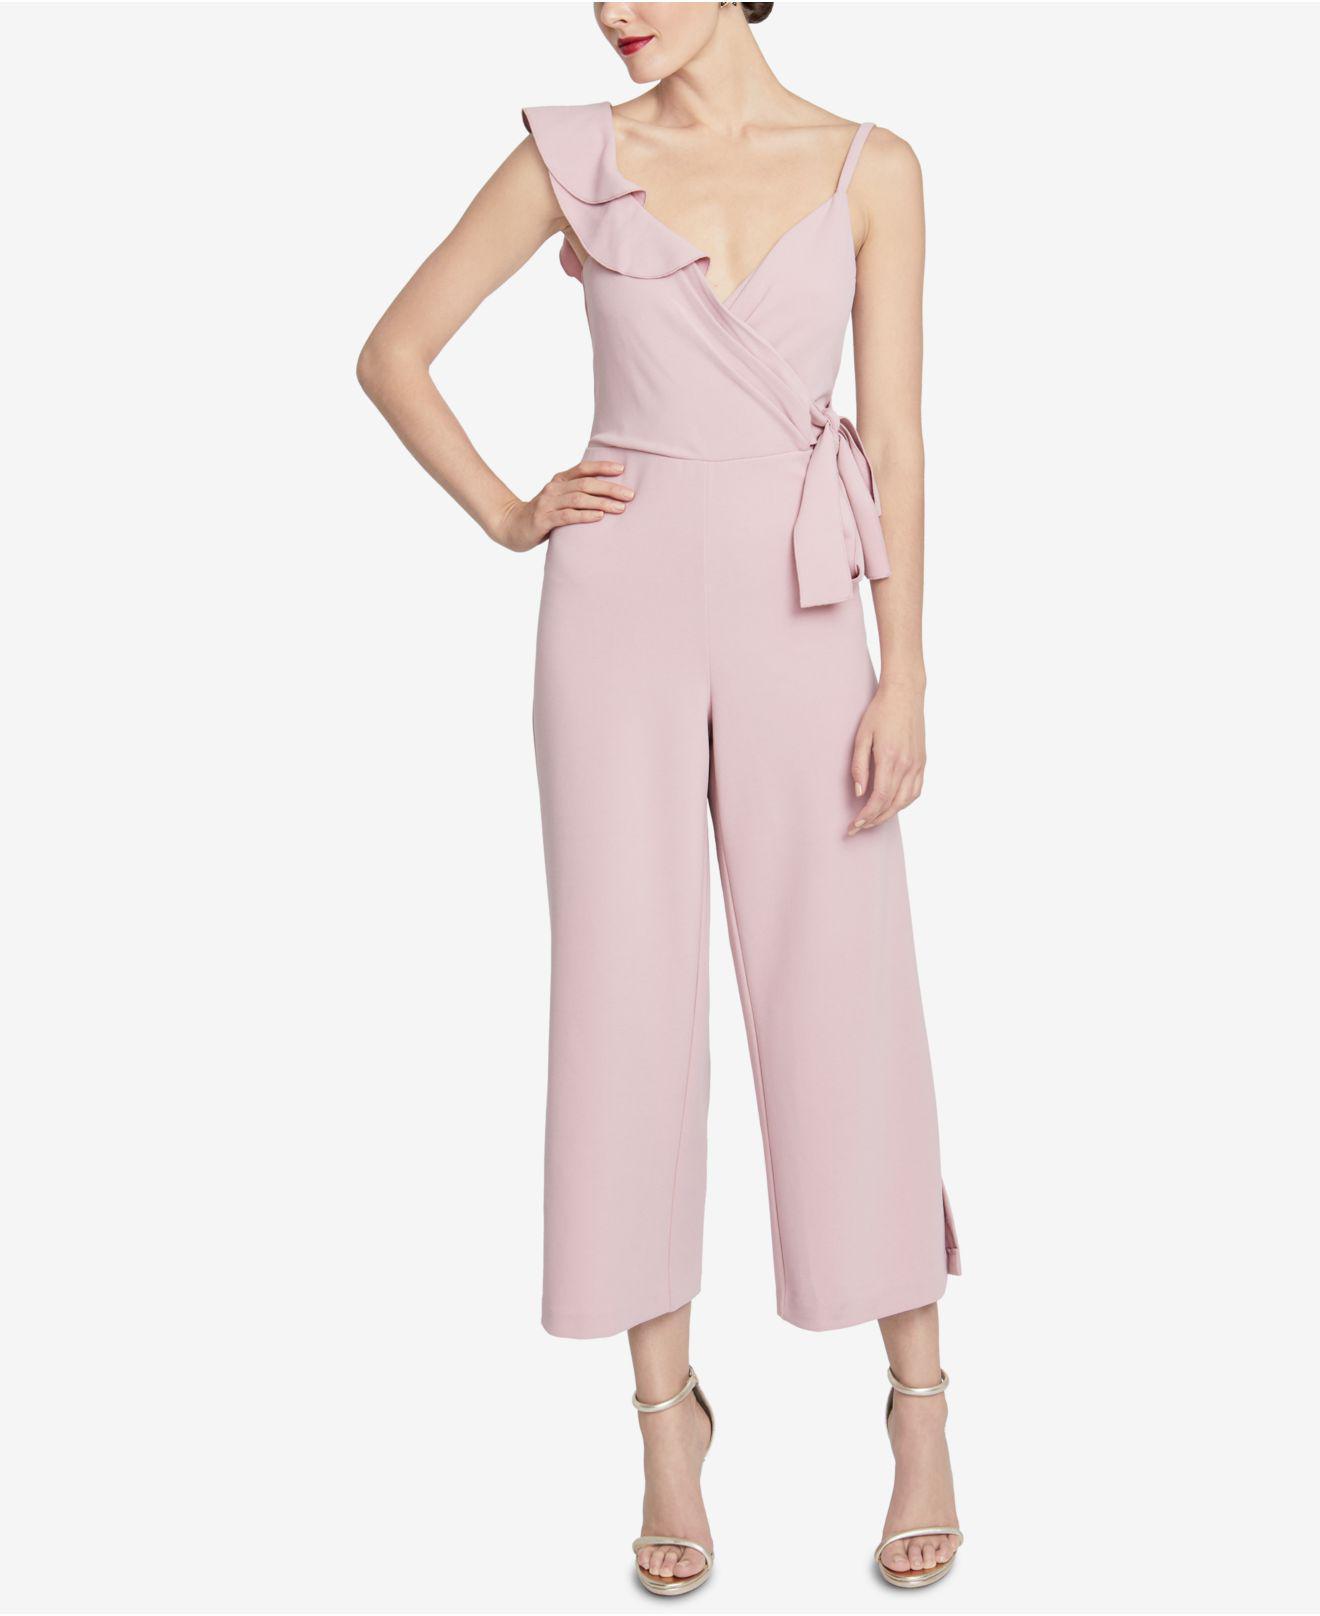 e395f95939ca Lyst - RACHEL Rachel Roy Ruffled Surplice Jumpsuit in Pink